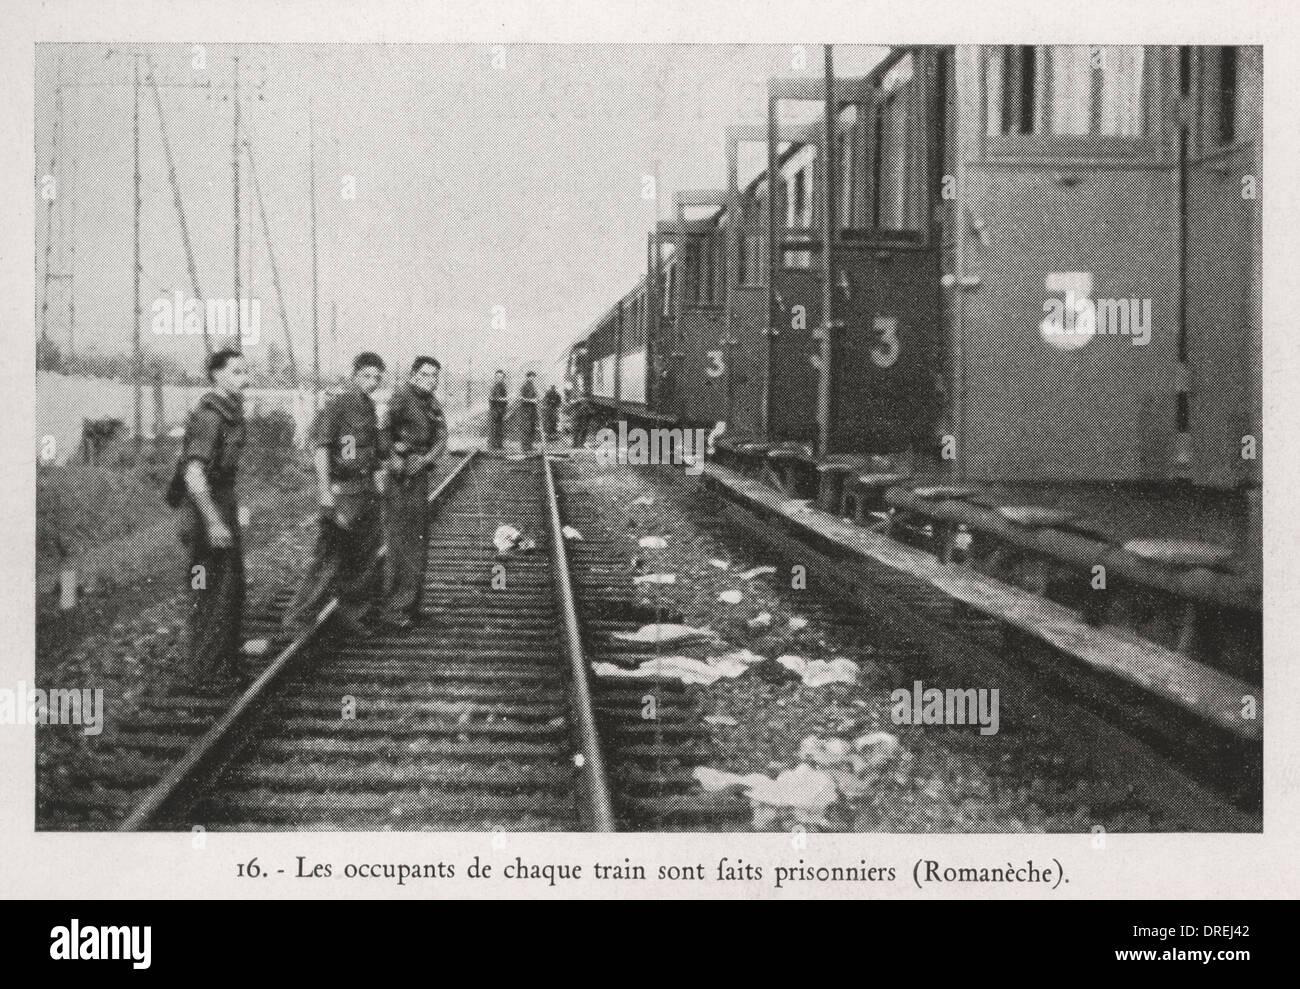 La resistenza francese - SECONDA GUERRA MONDIALE (2/3) Immagini Stock